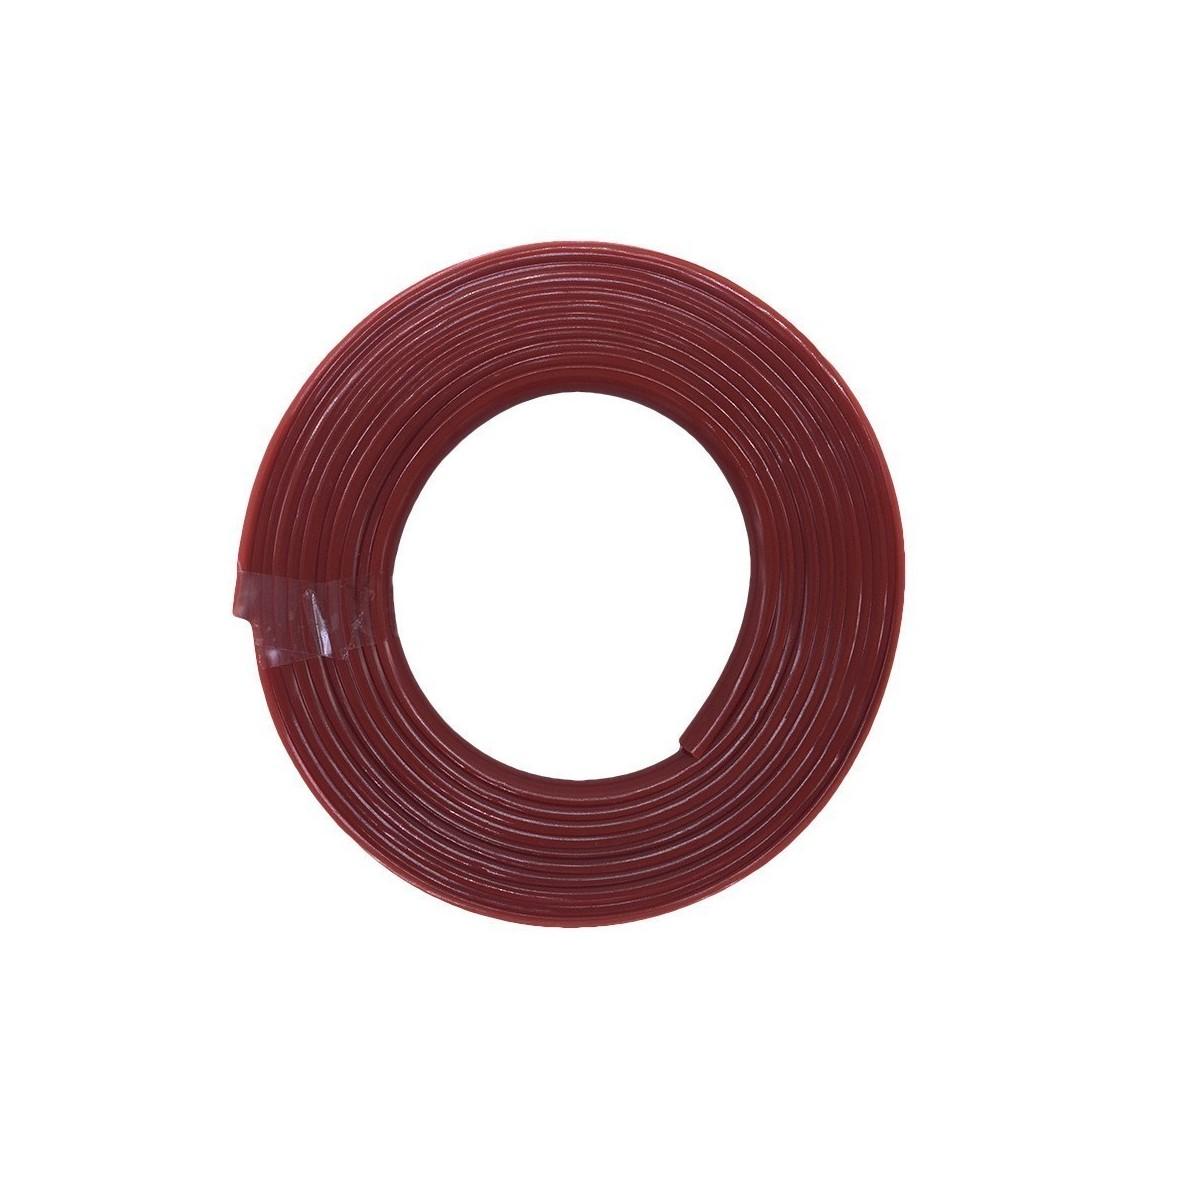 Embellecedor Protector Plataforma Rojo